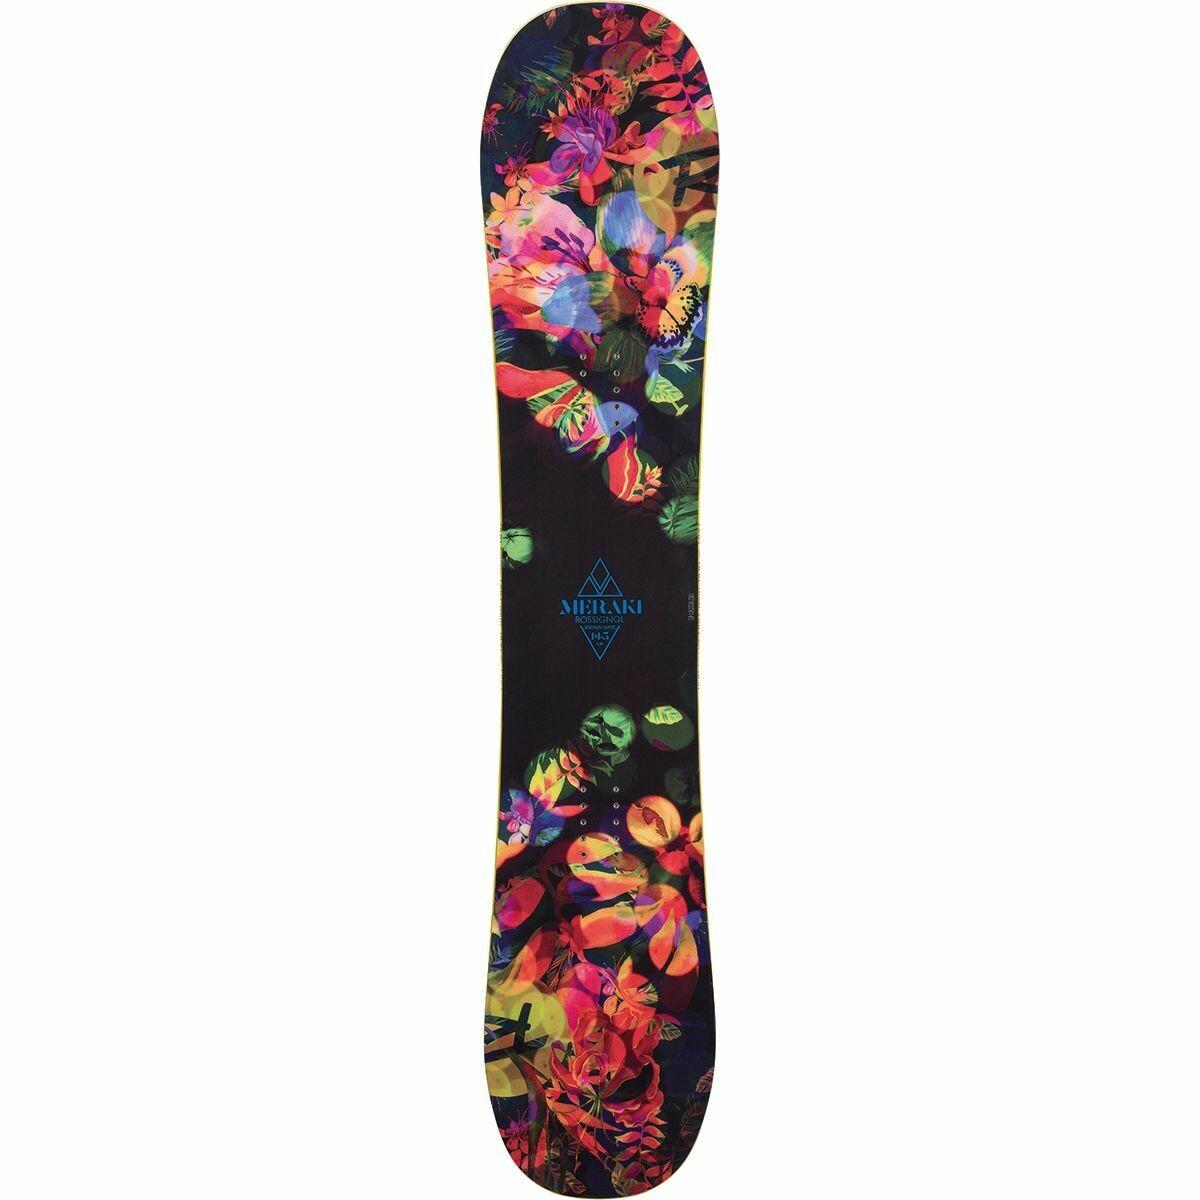 Rossignol Women's Meraki Snowboard